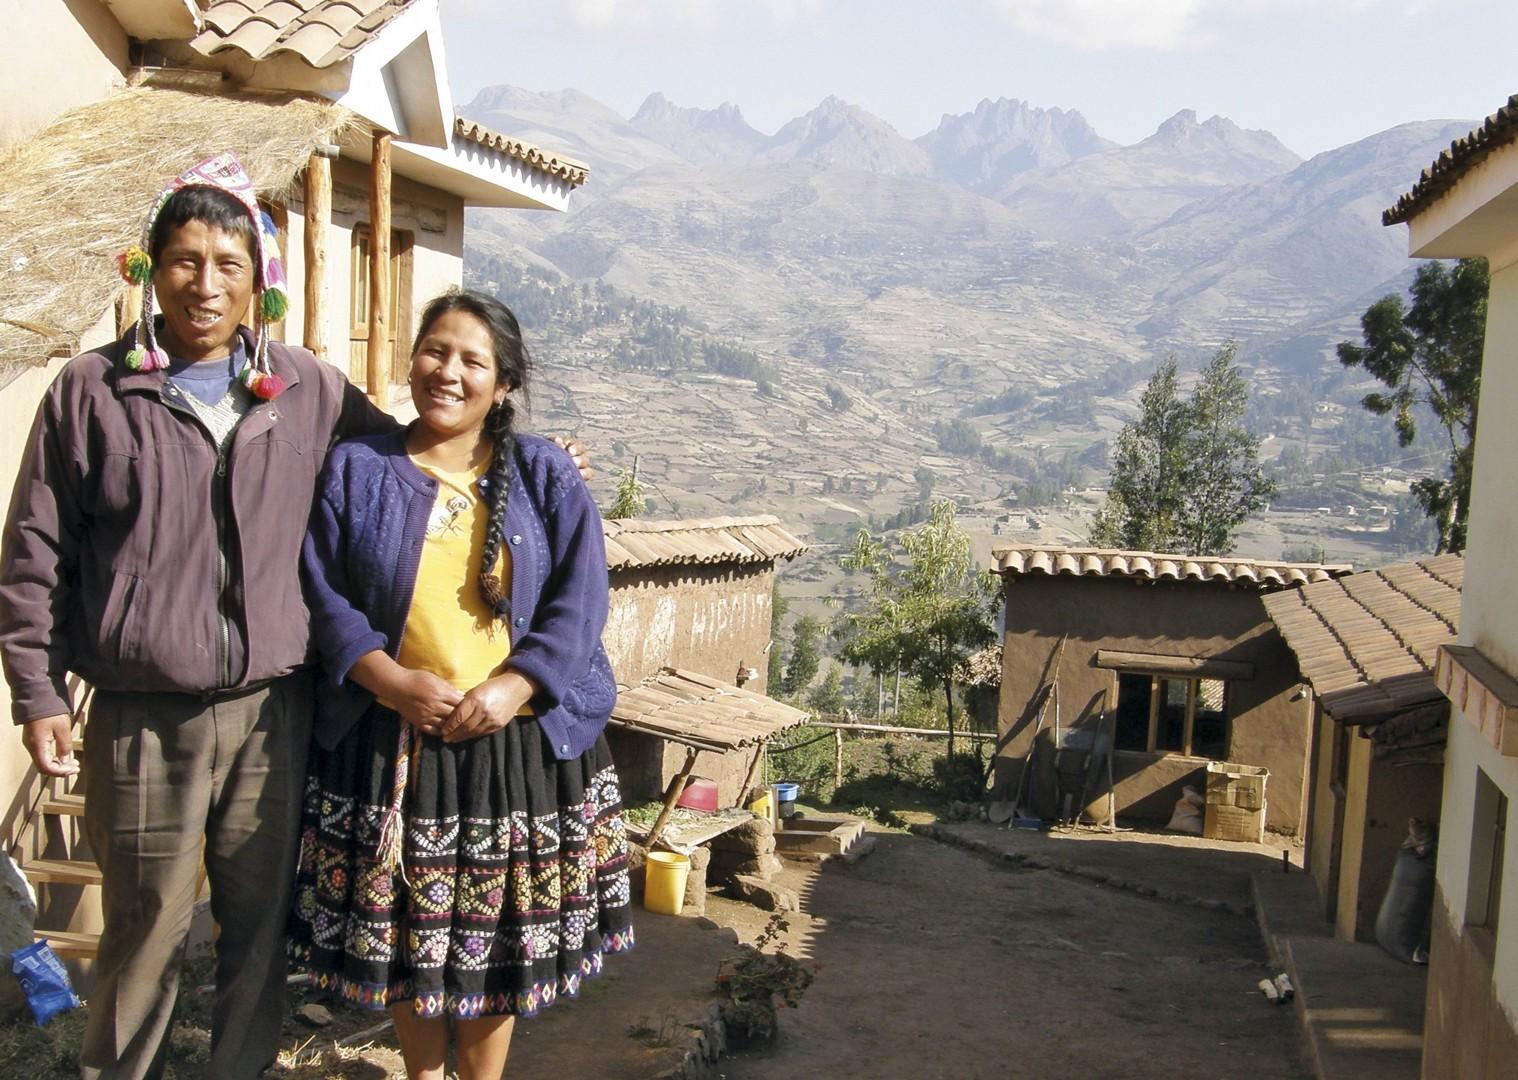 Meeting People.jpg - Inca Trails in Peru - Meet the People Tours